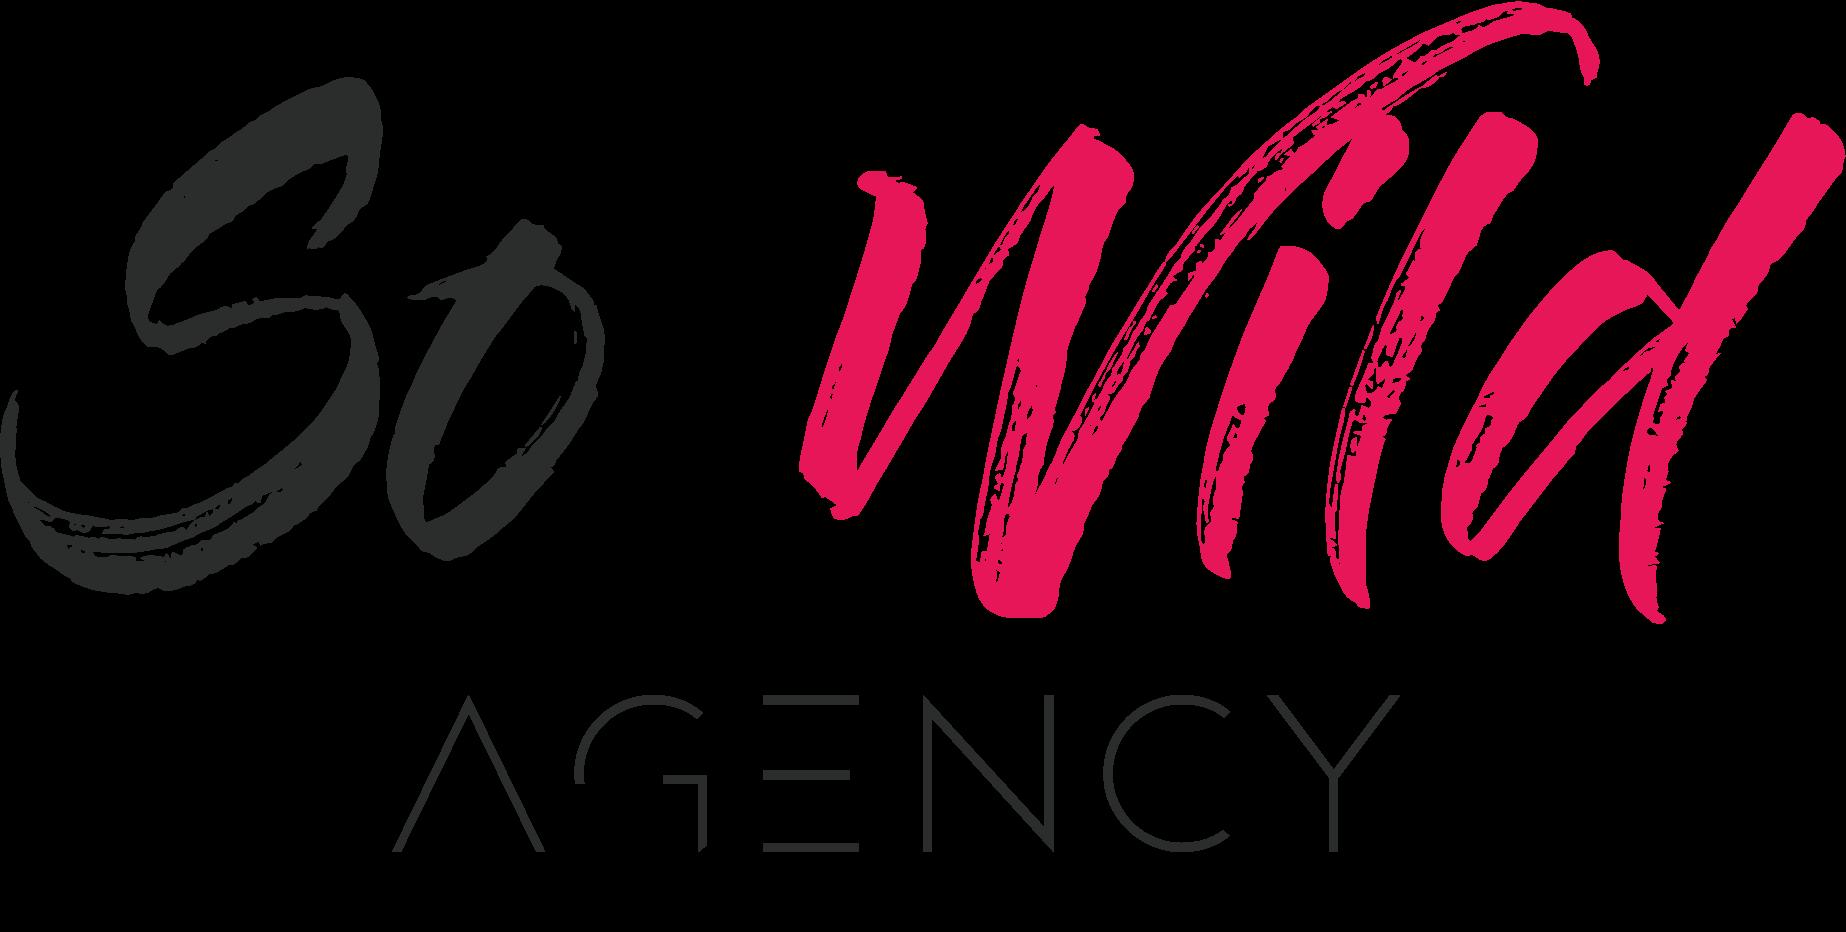 So Wild Agency